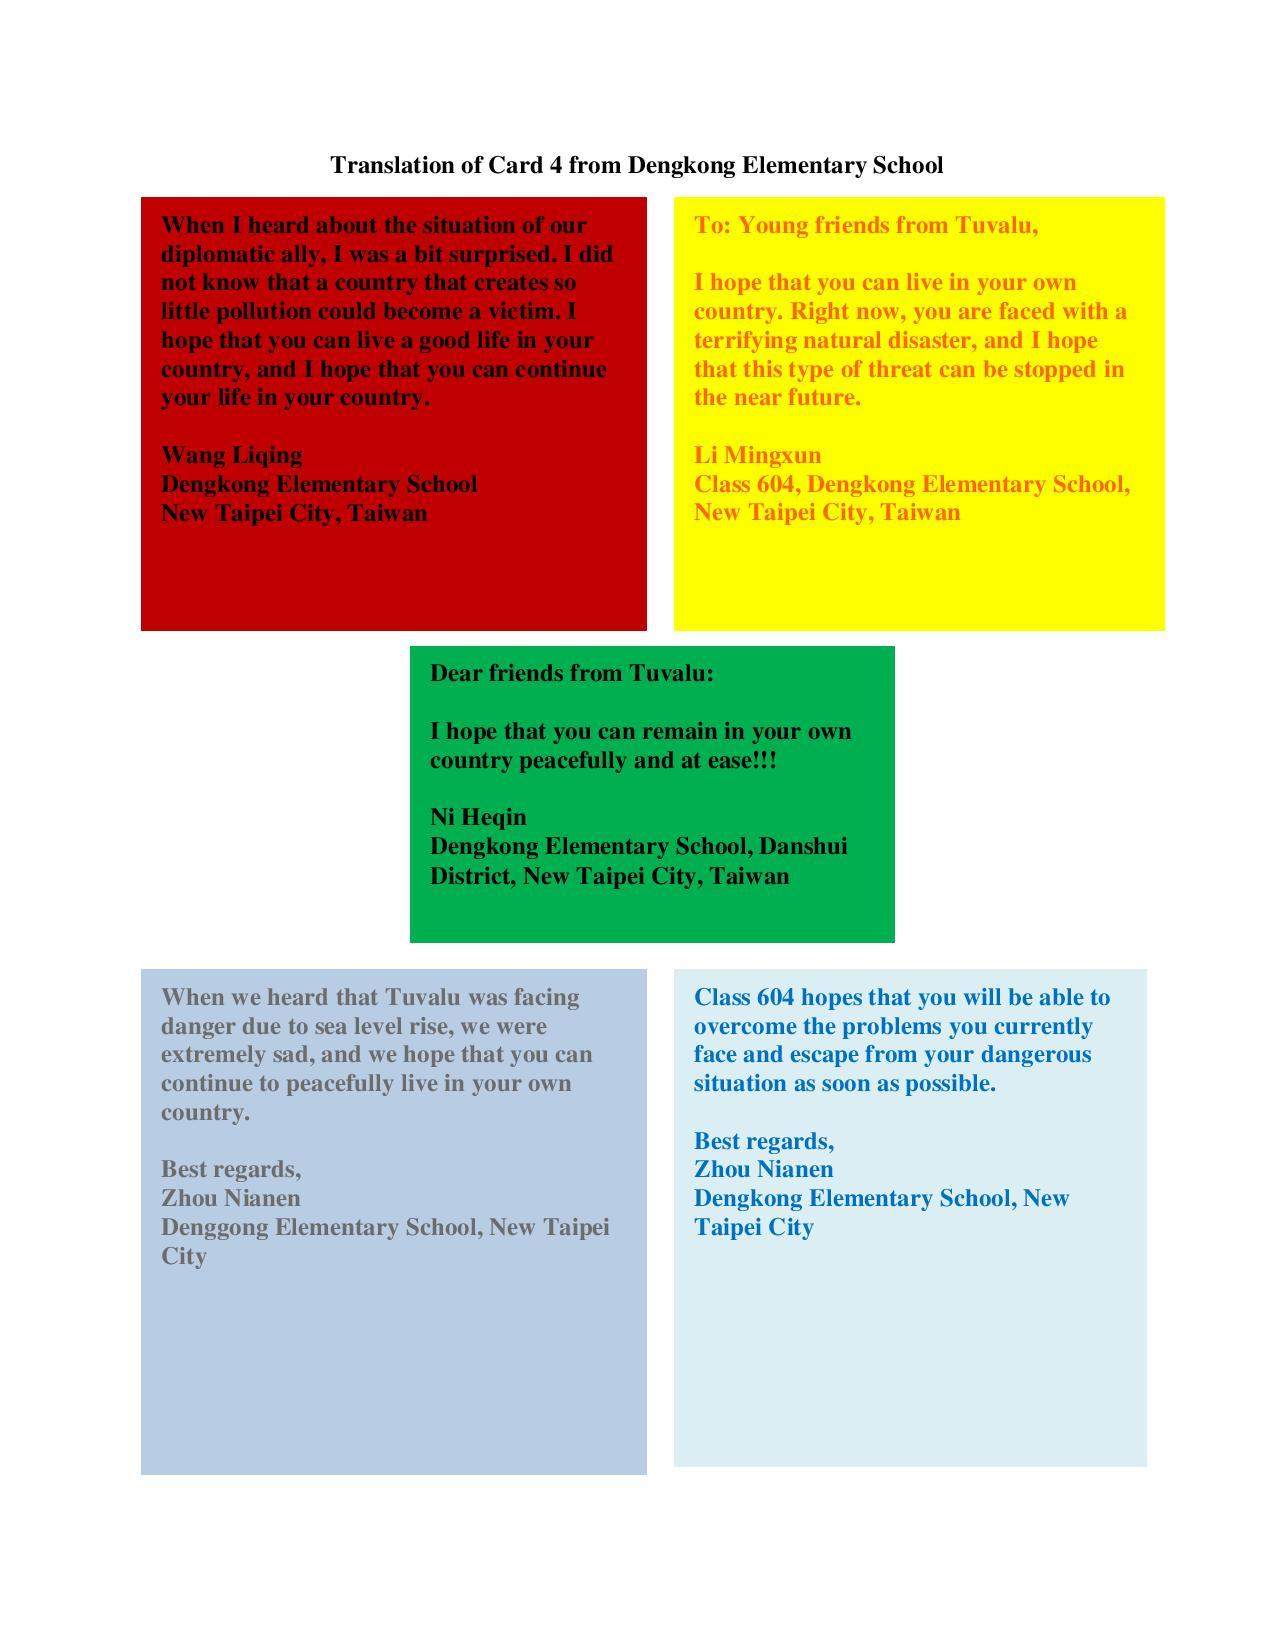 鄧公翻譯2015 0601st Translations of Cards from Dengkong Elementary School-page-007 (1).jpg